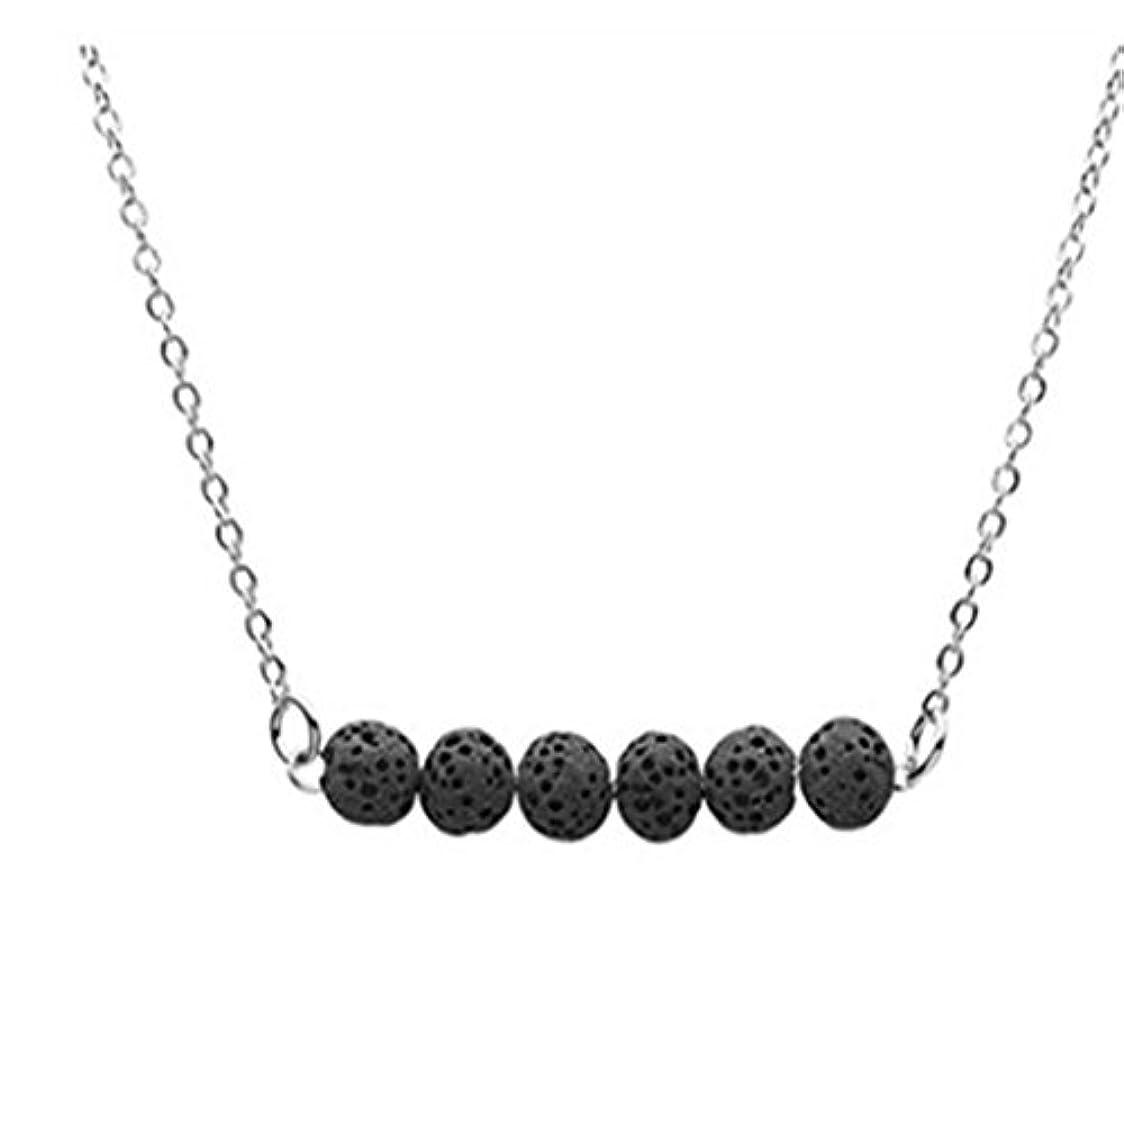 混合した受信凍結cianowegy Simple Tinyラバストーンネックレス、Essential Oil Diffuserネックレスwith Lava Stone – ステンレススチール ブラック